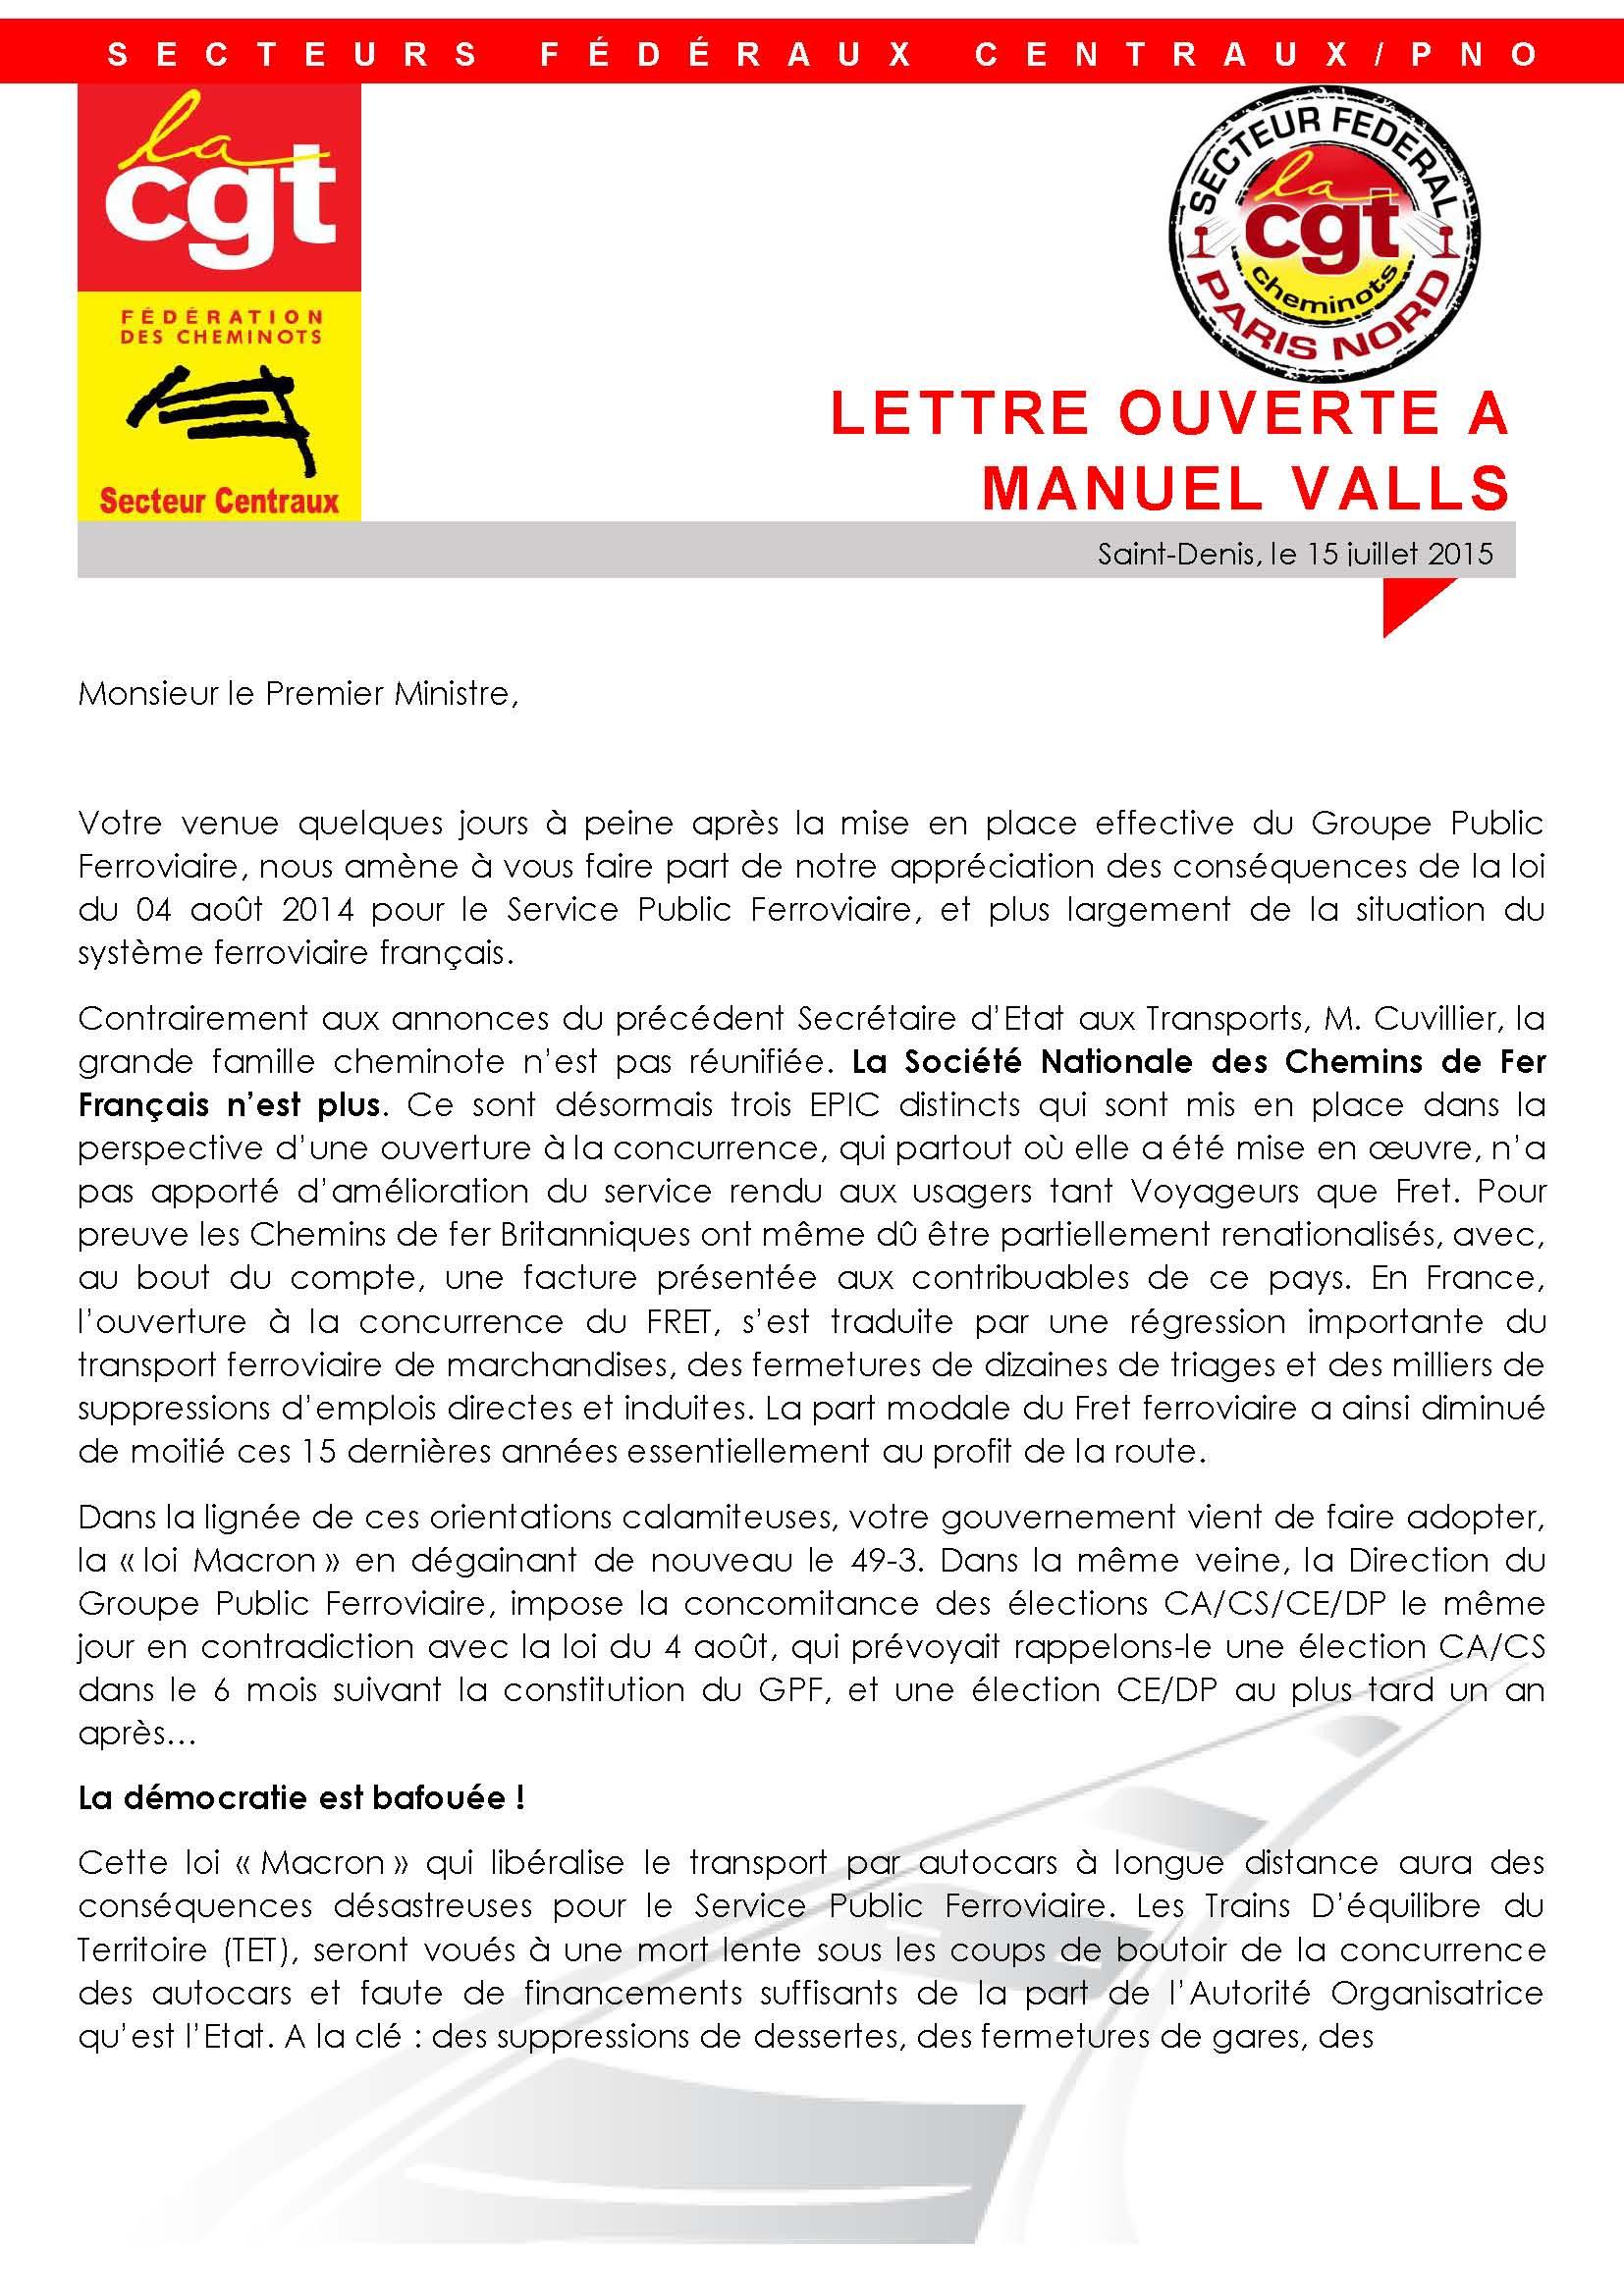 lettre ouverte à manuel valls version ctrx-pno_Page_1